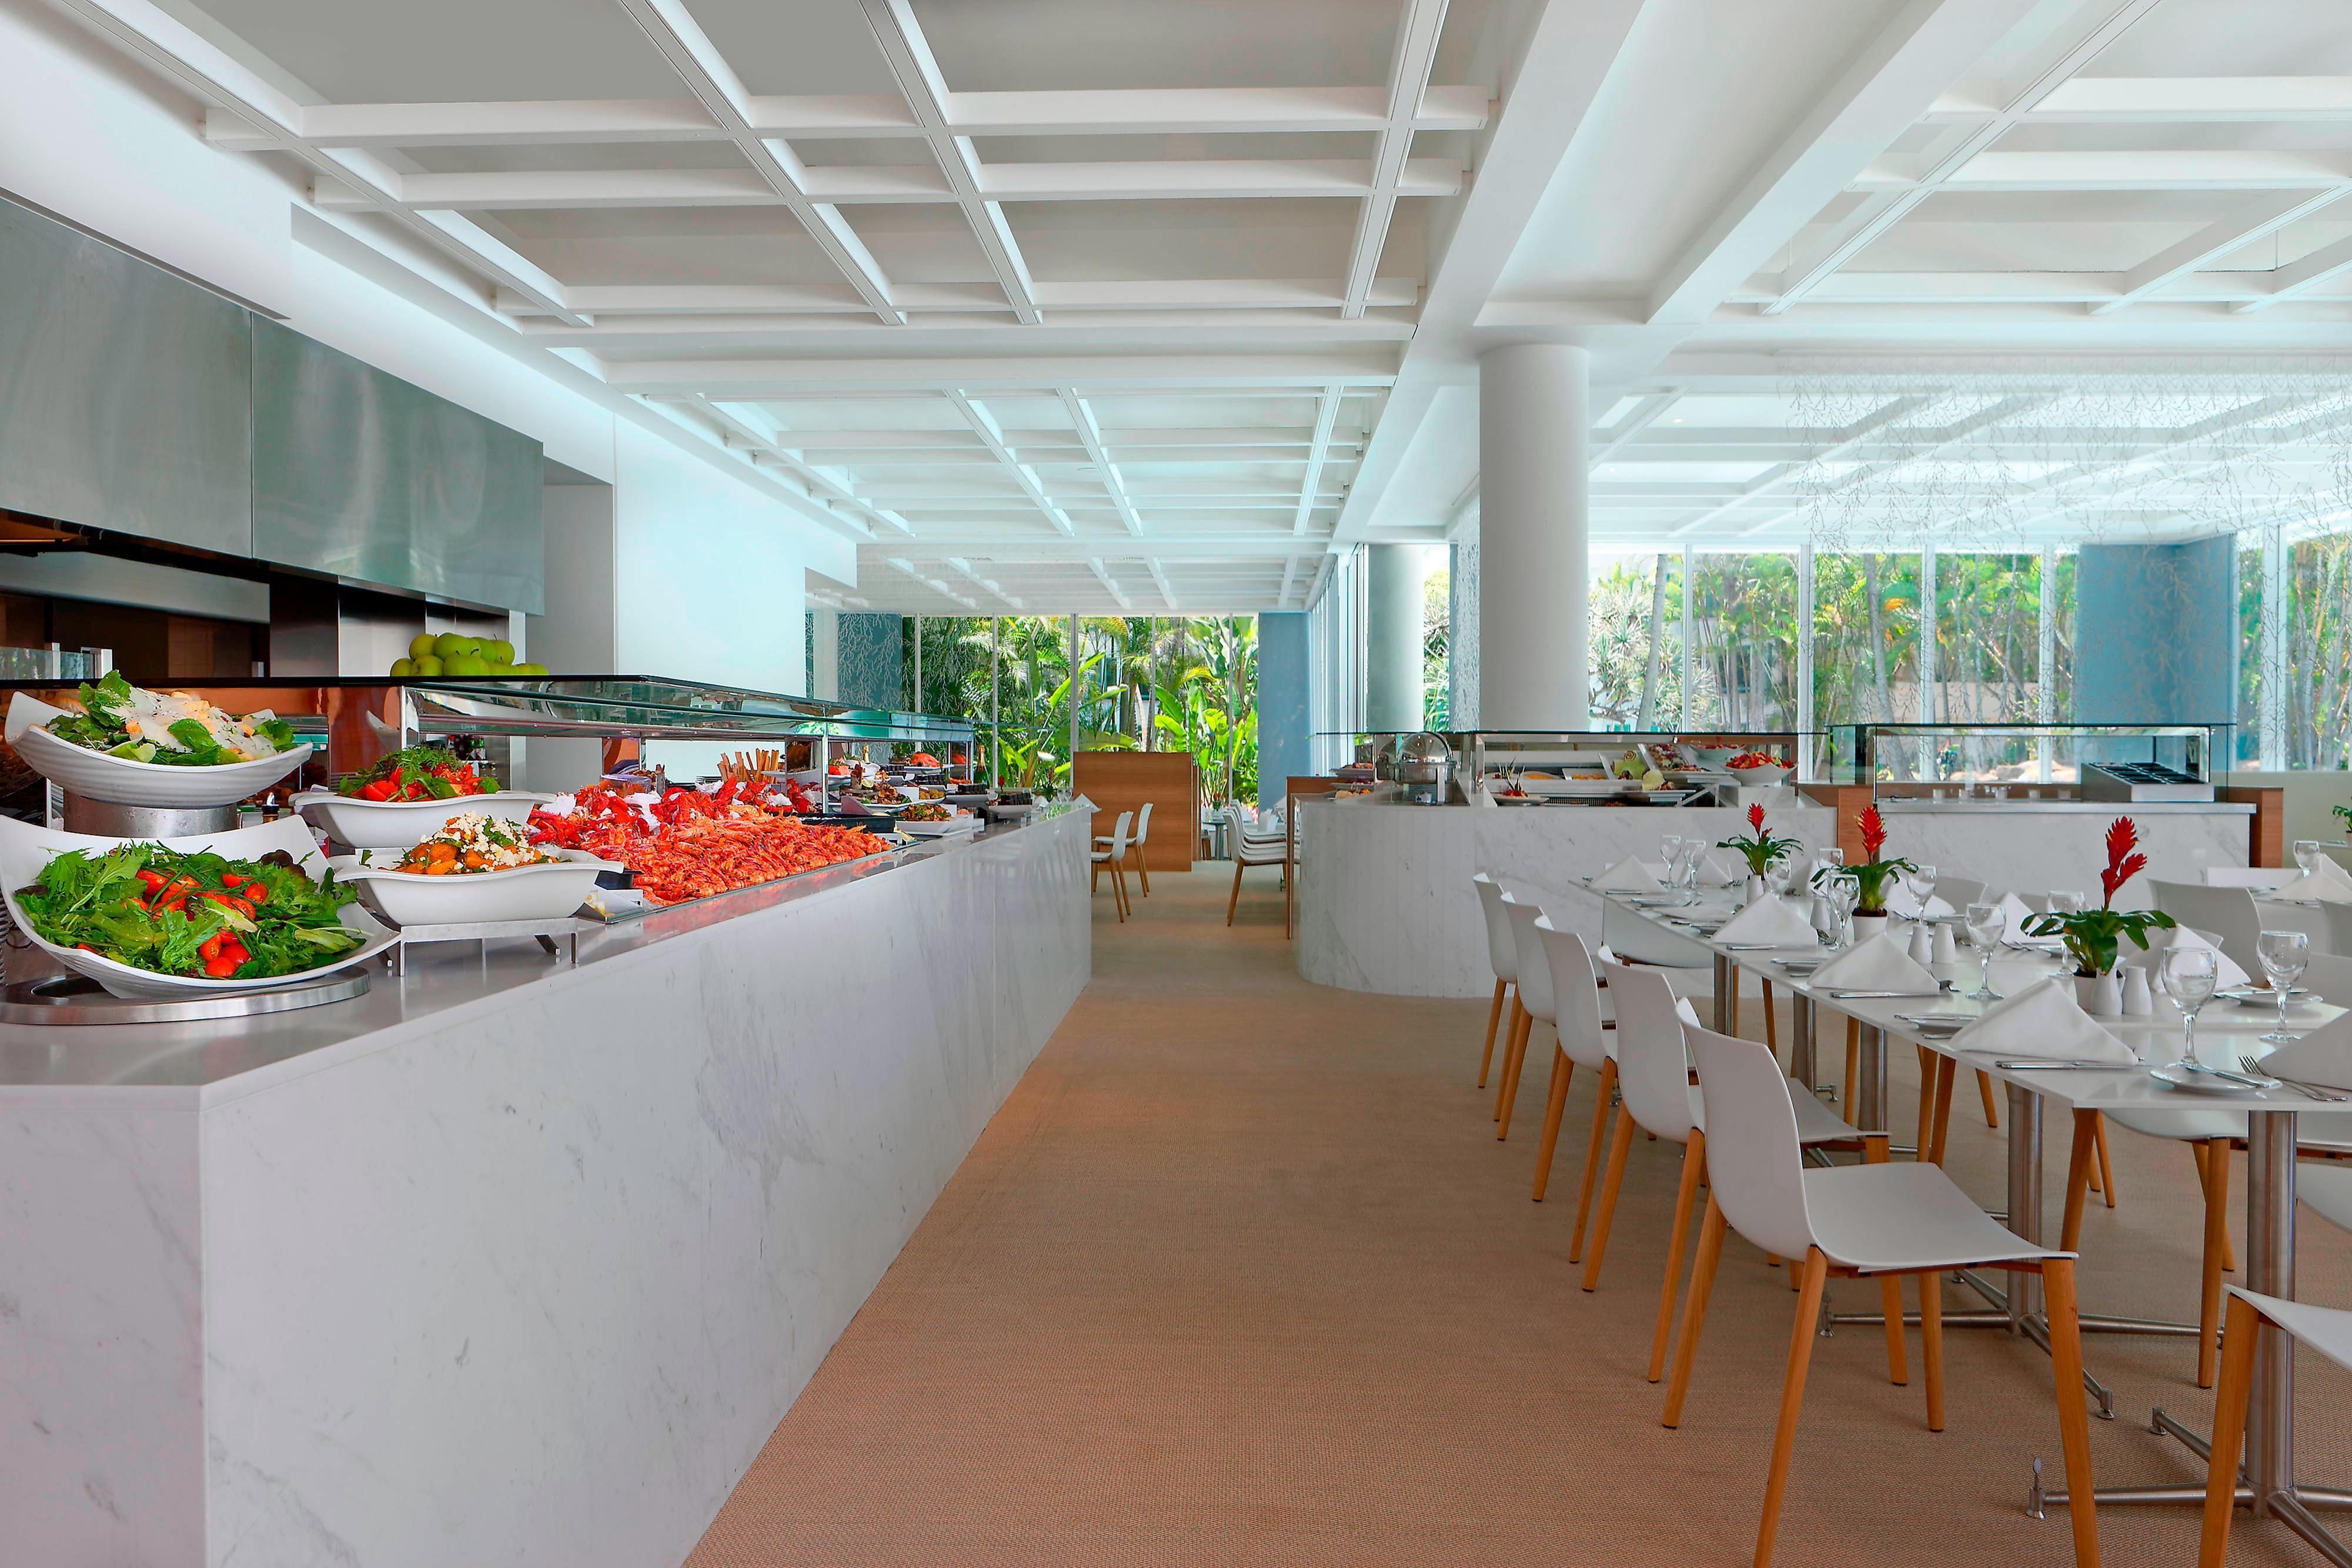 Terraces Restaurant - Buffet